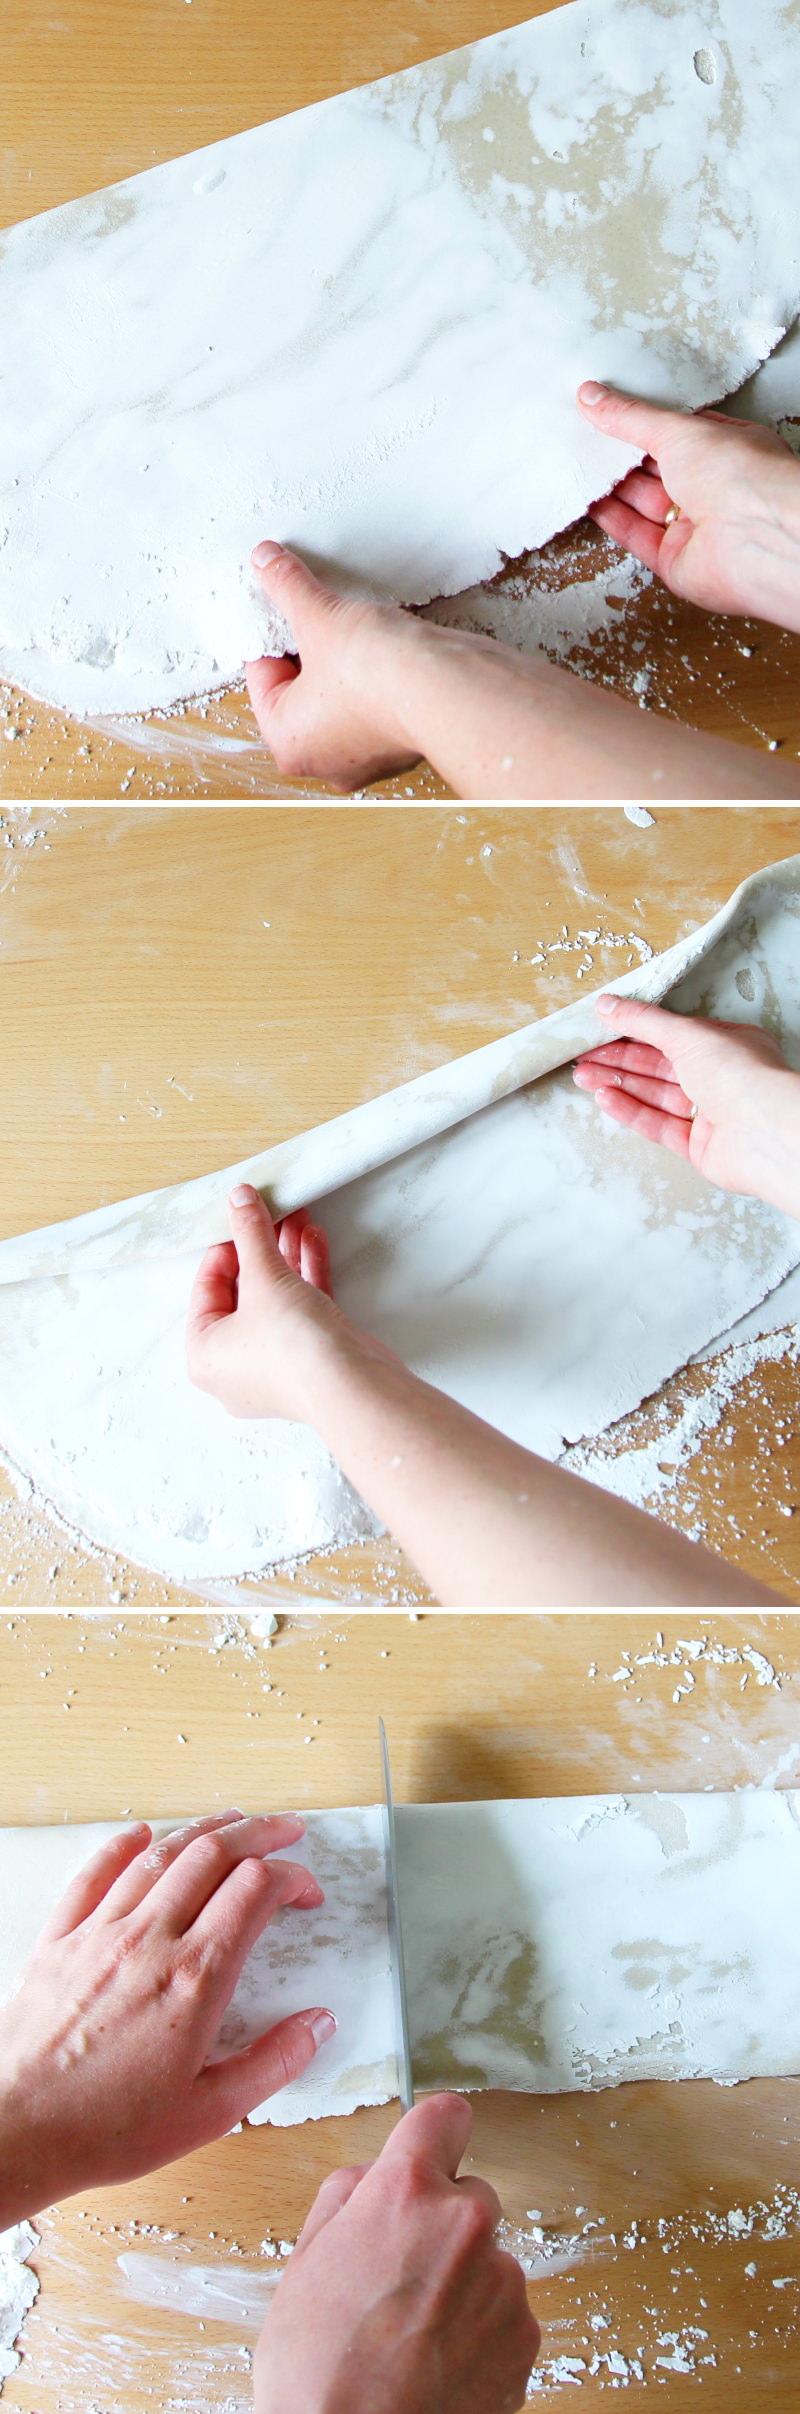 Soba Nudeln selbst machen Schritt 7 Teig falten